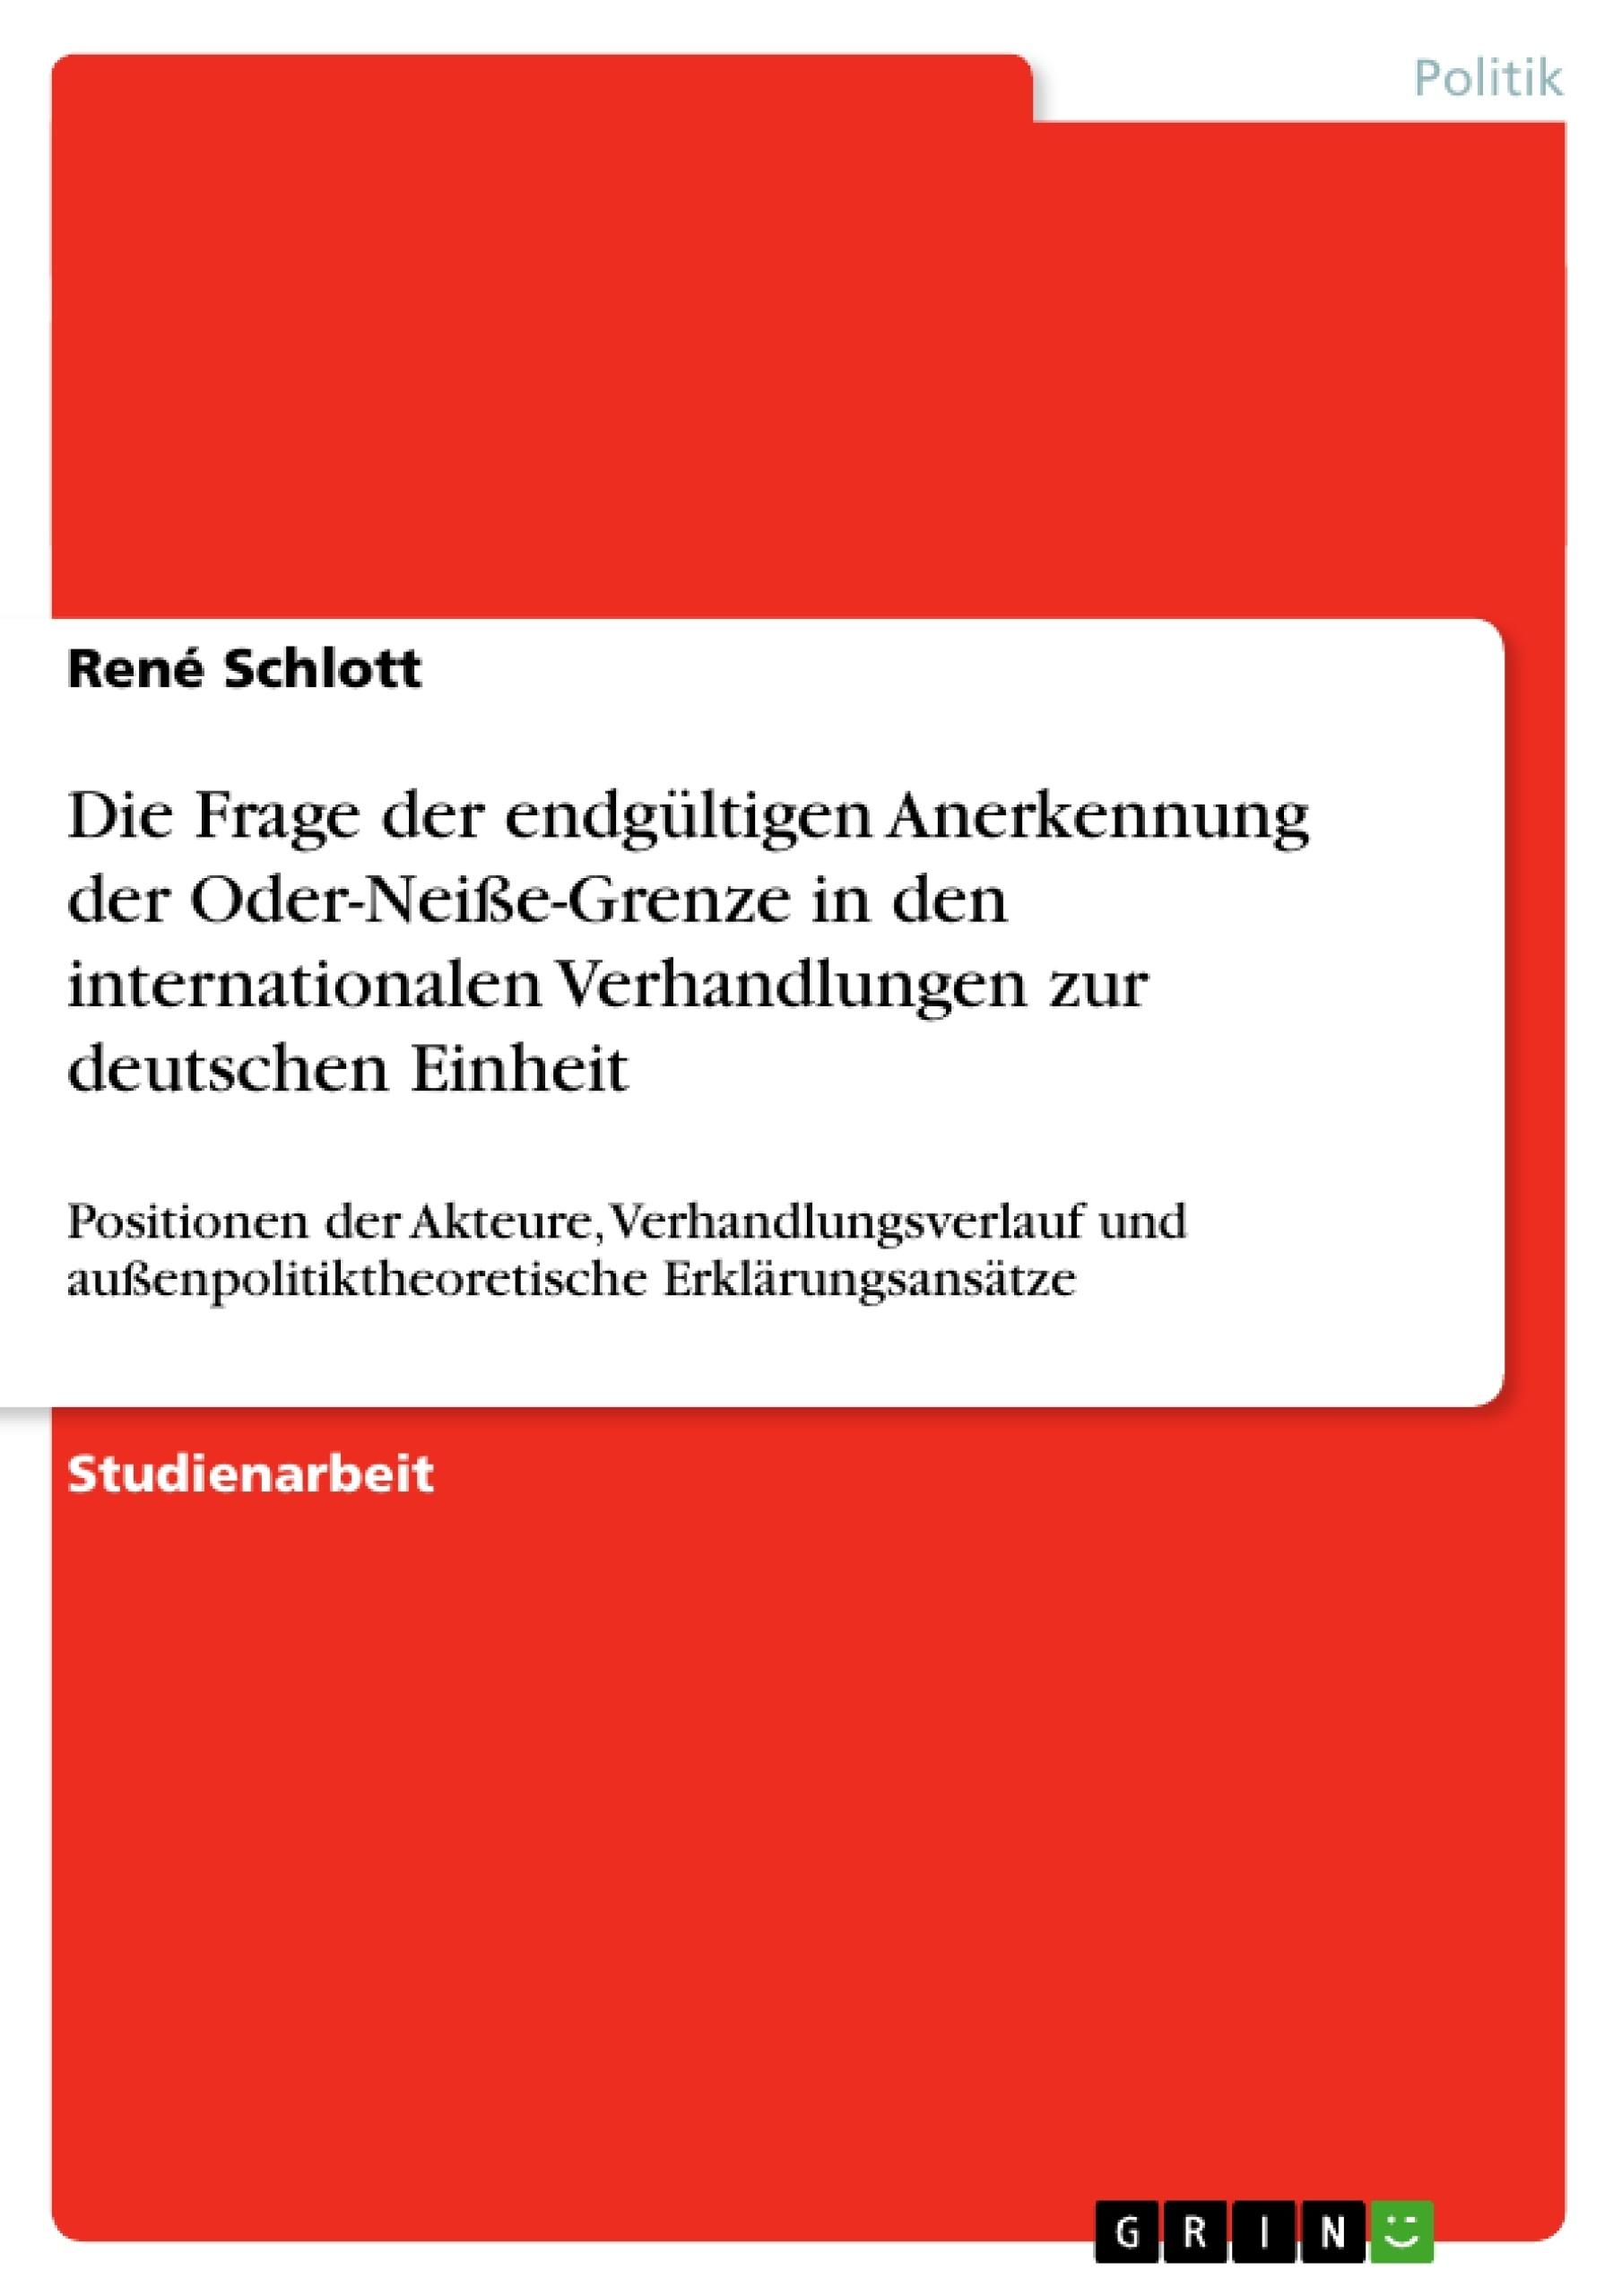 Titel: Die Frage der endgültigen Anerkennung der Oder-Neiße-Grenze in den internationalen Verhandlungen zur deutschen Einheit